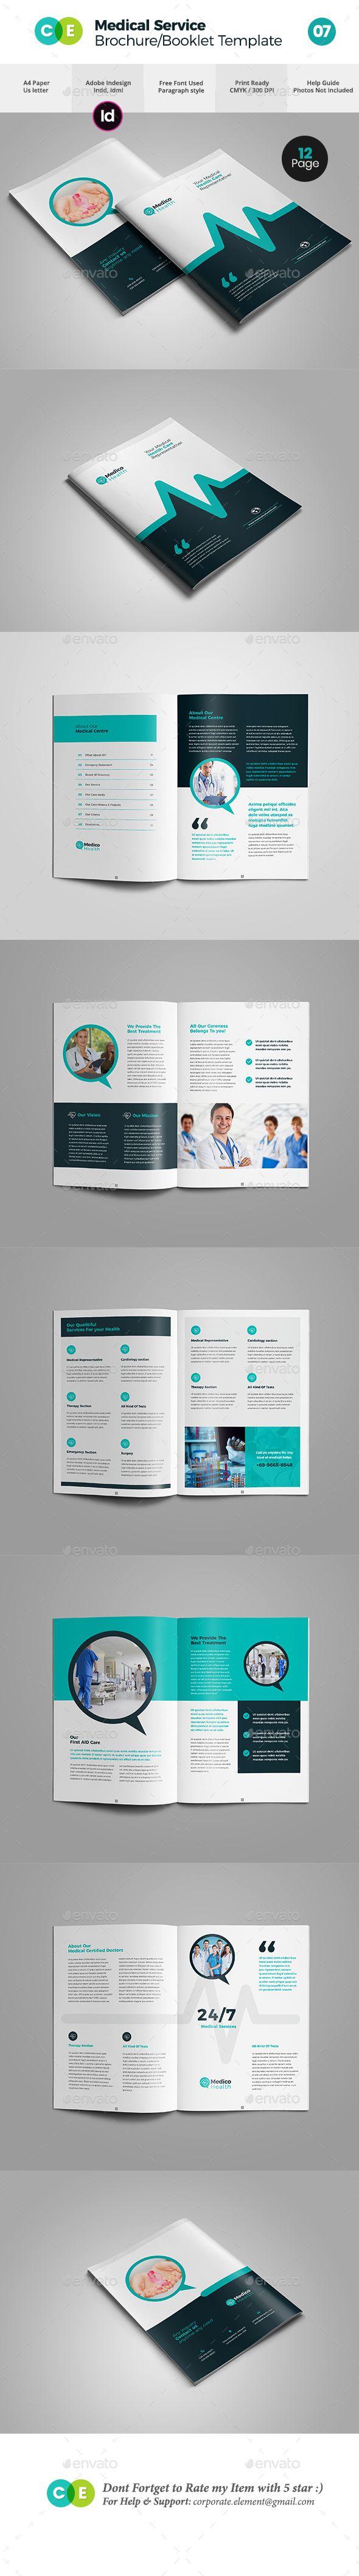 Medical Service Booklet/Brochure Template V07 - #Brochures Print Templates